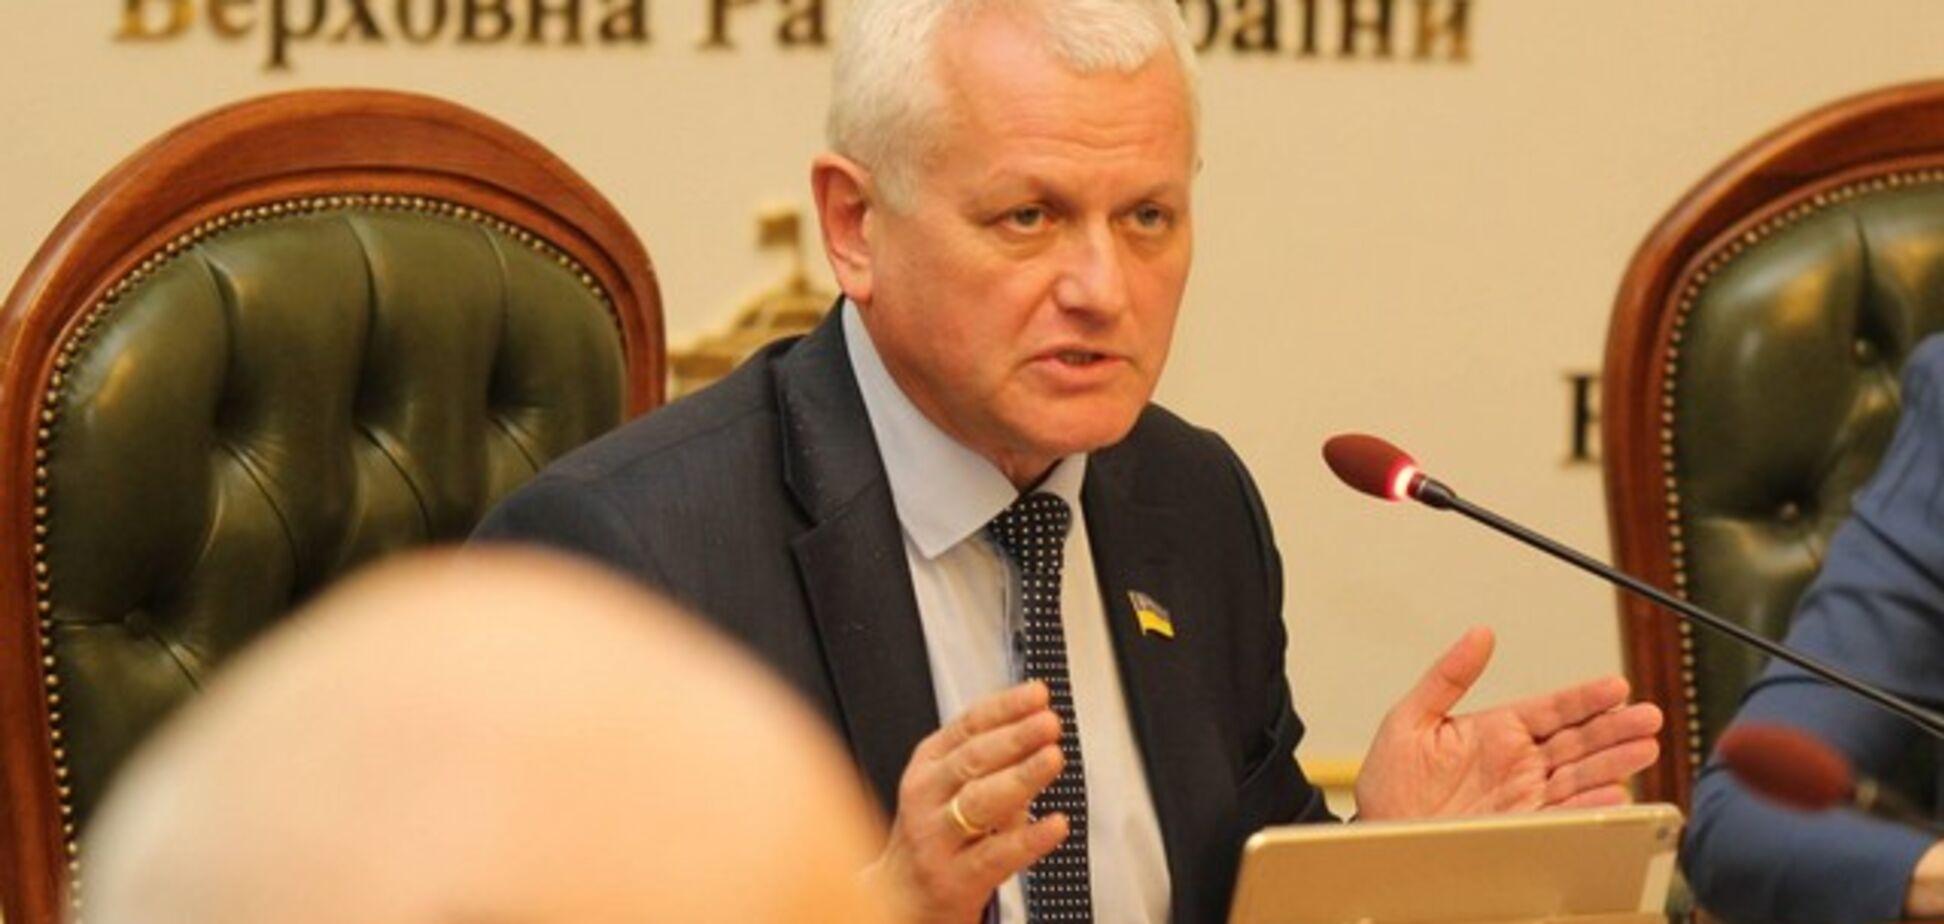 Похож на инвалида? Депутат Рады угодил в громкий скандал